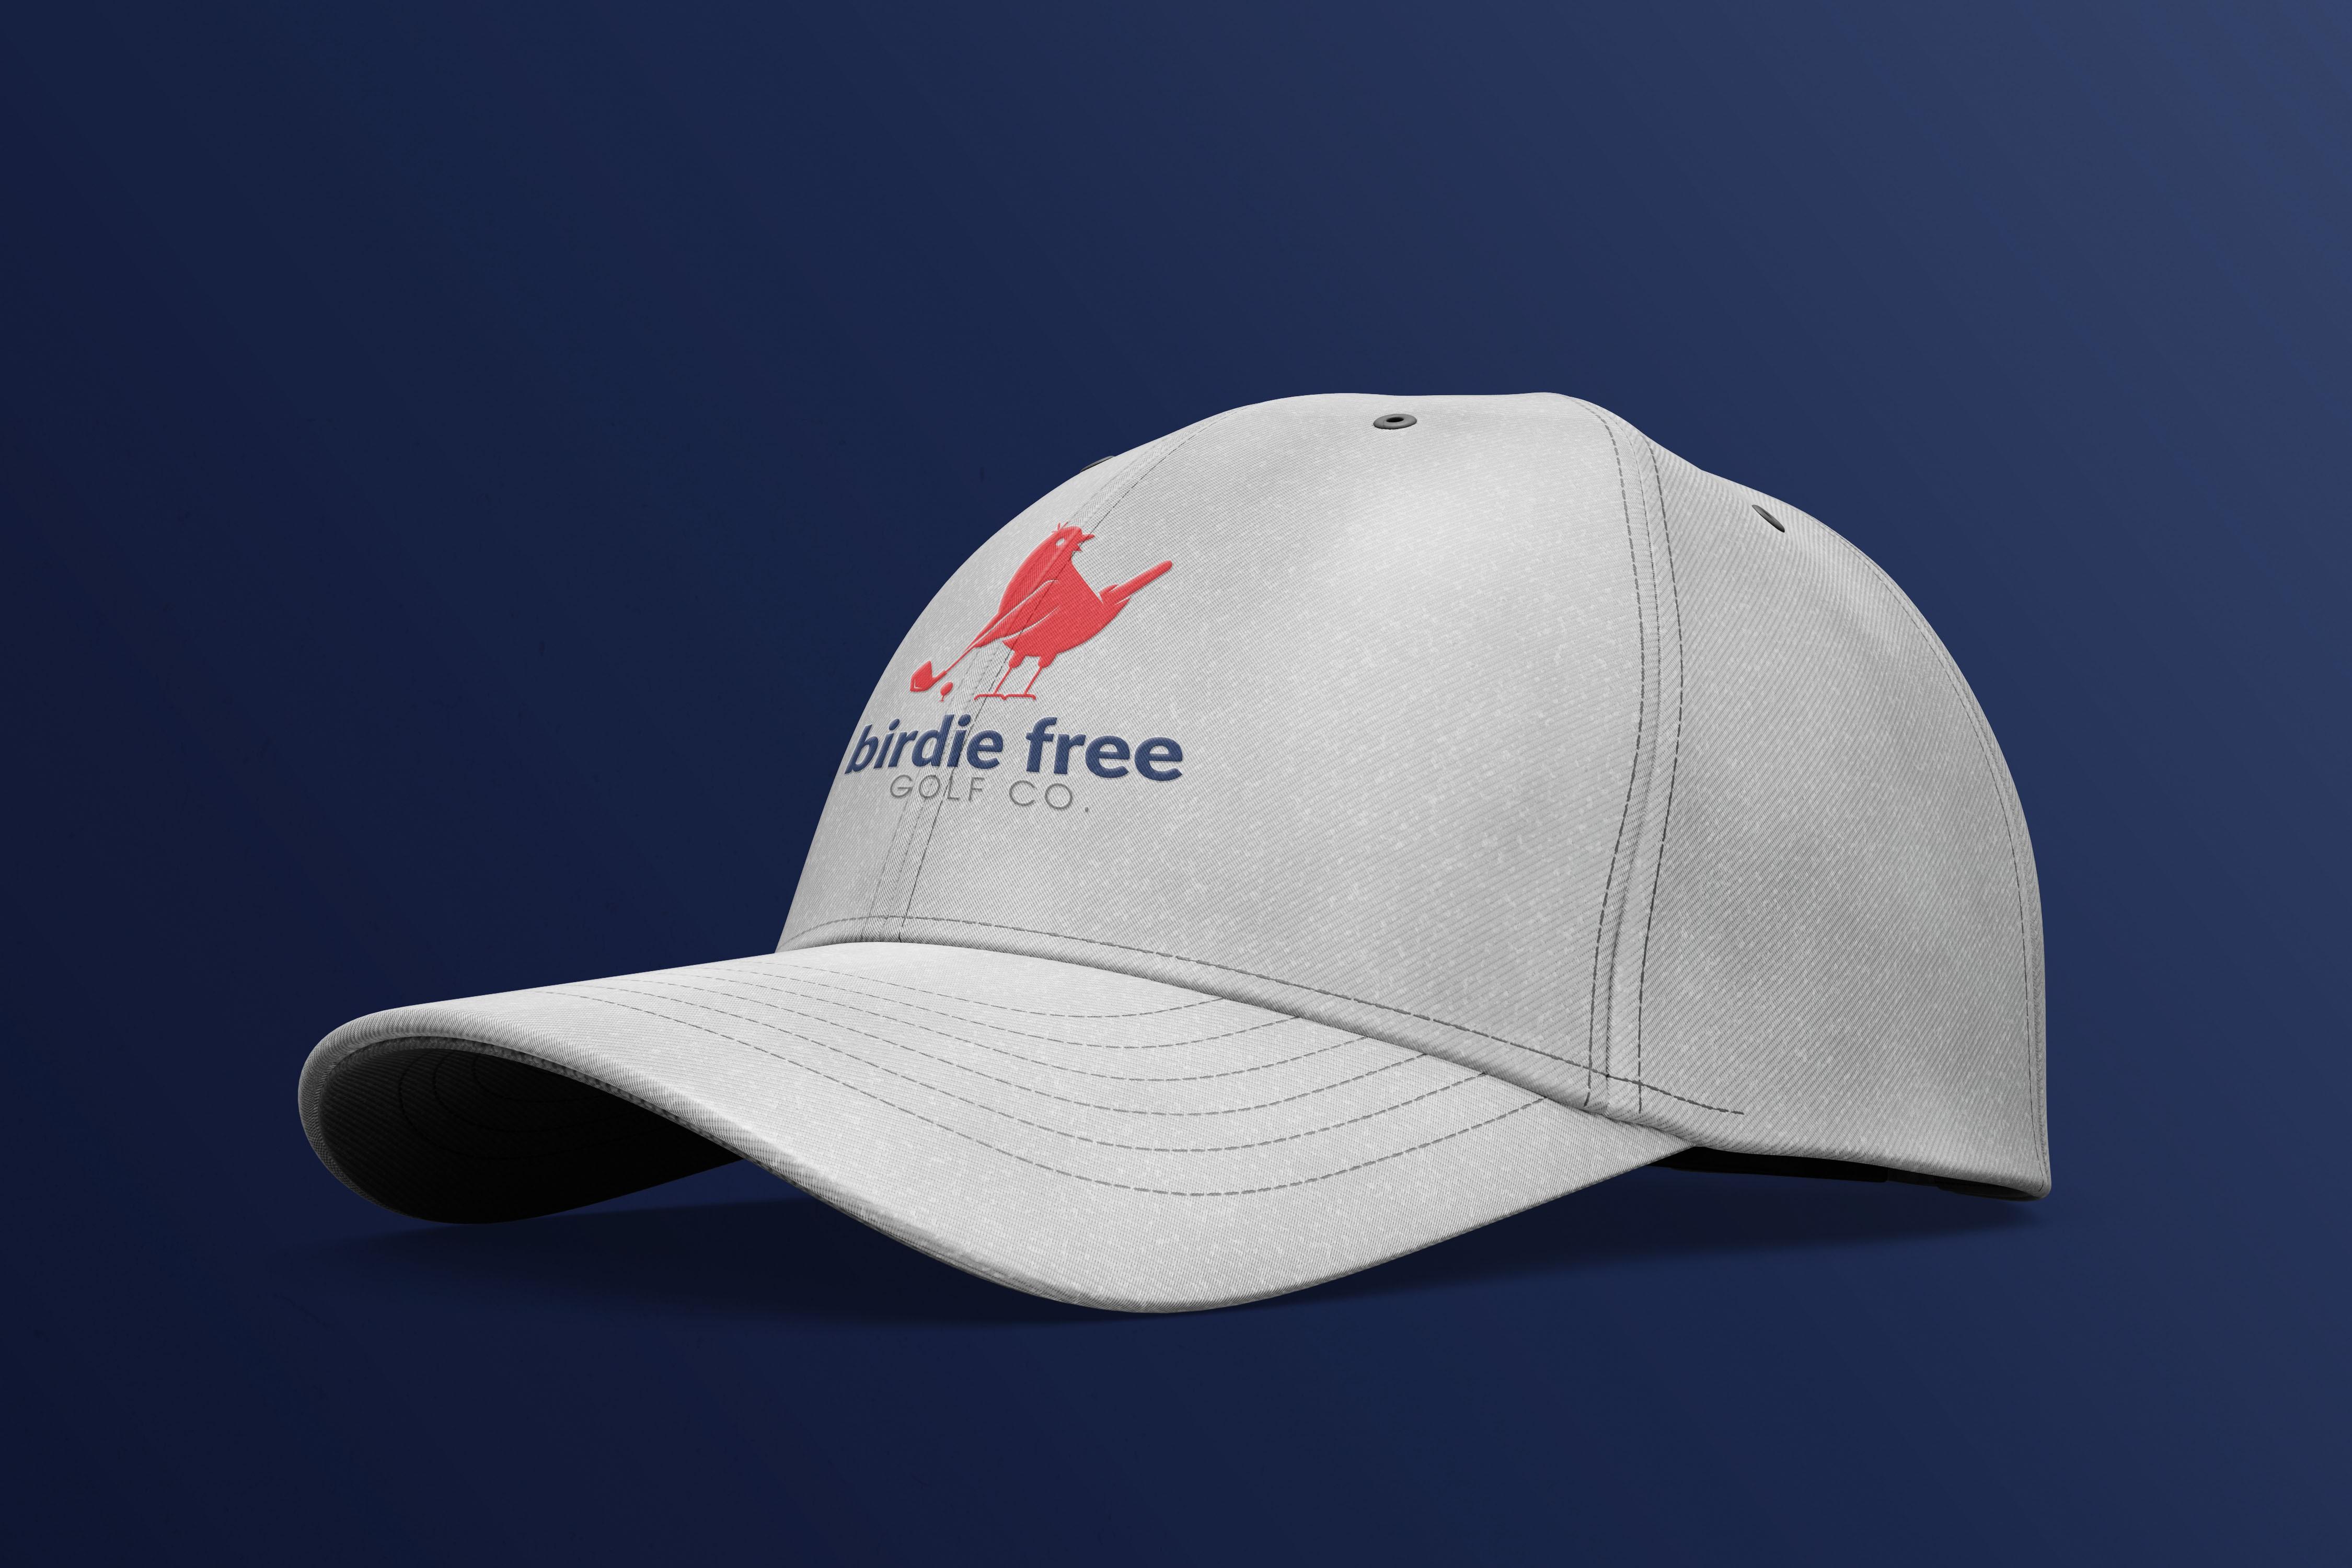 Design a fun, vibrant logo for an upstart golf retail brand